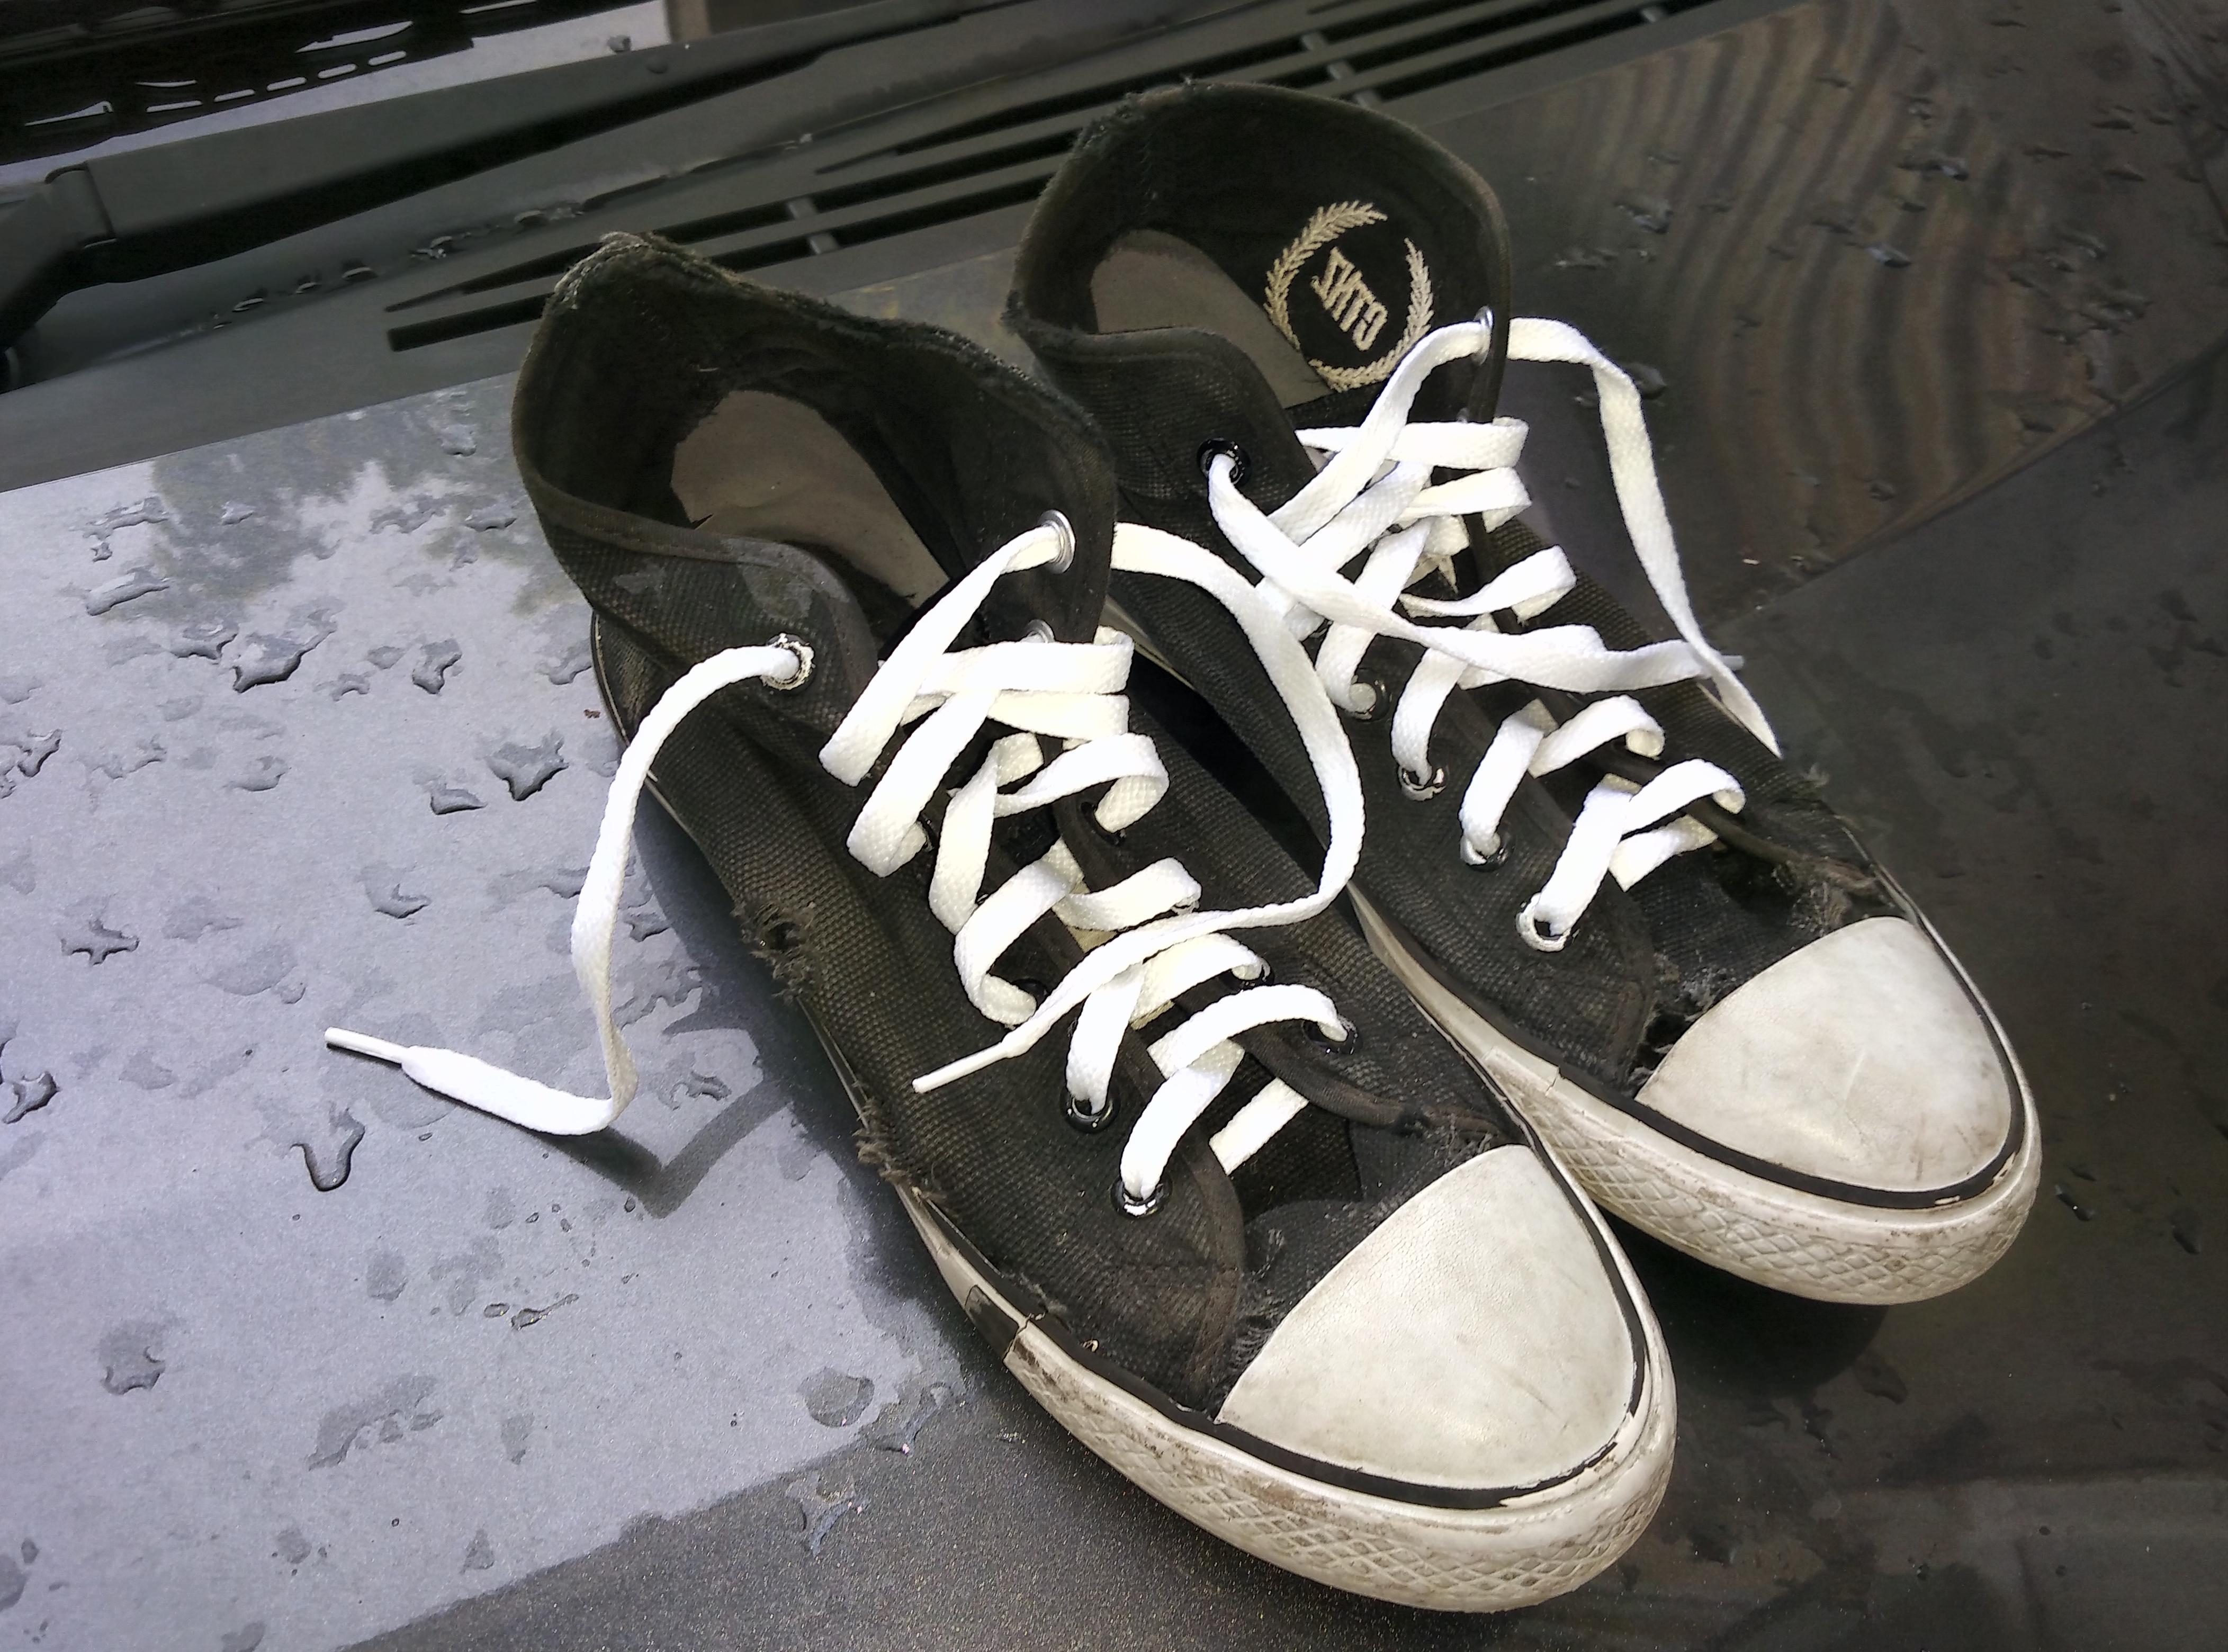 dipakai tendang tendang kayak Alif…dulu pernah kesel juga waktu beliin dia sepatu futsal Reebok yang hancur dalam waktu beberapa kali latihan saja